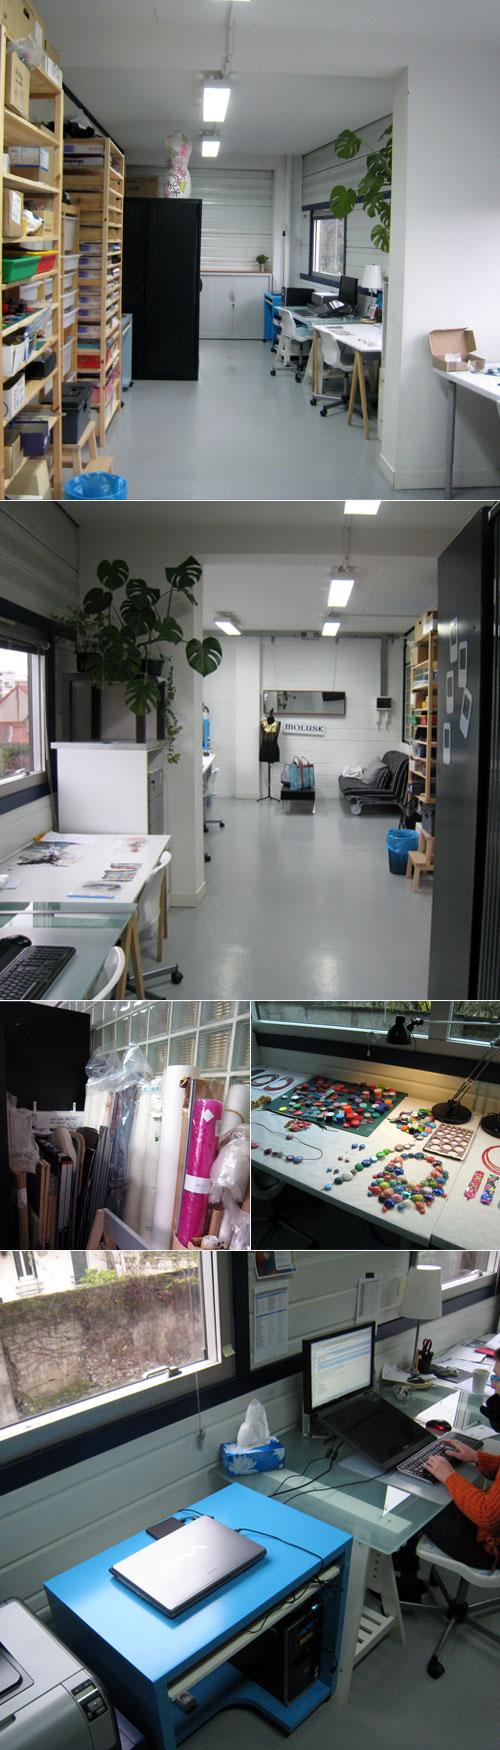 atelier-molusk-fevrier-2009